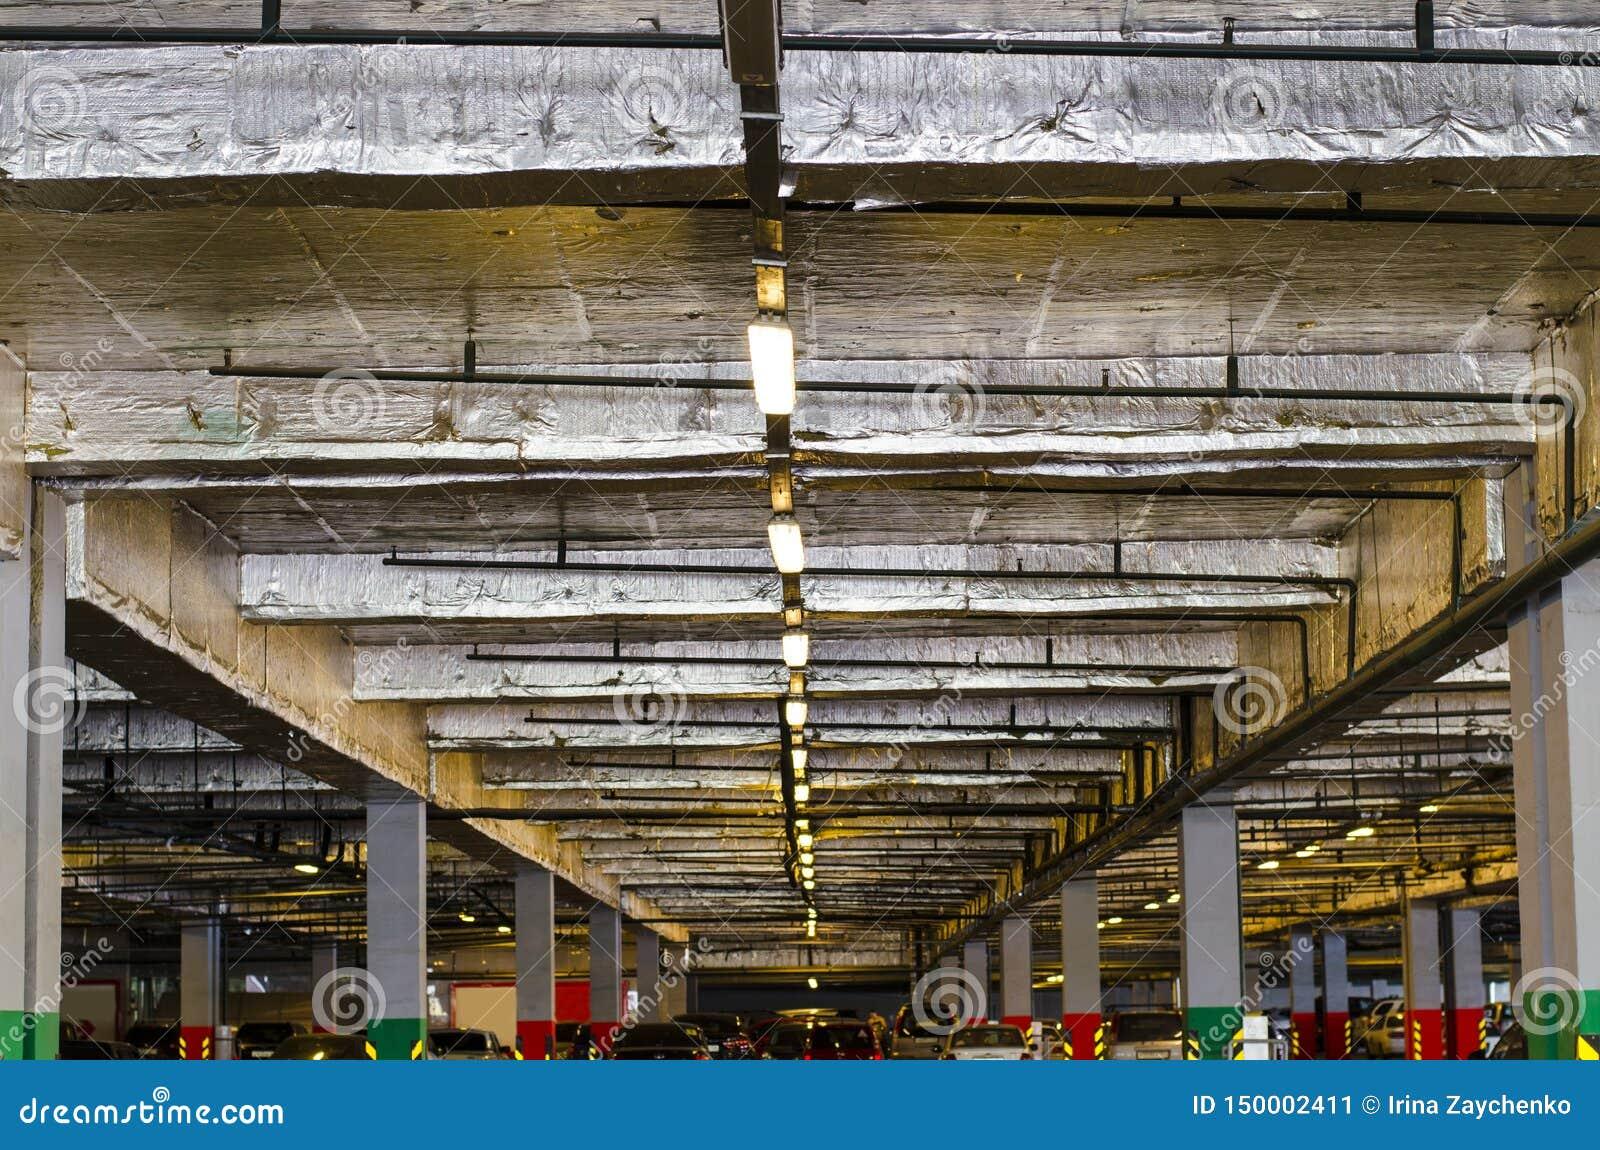 Стоянка в торговом центре Покрытая подземная стоянка для автомобилей